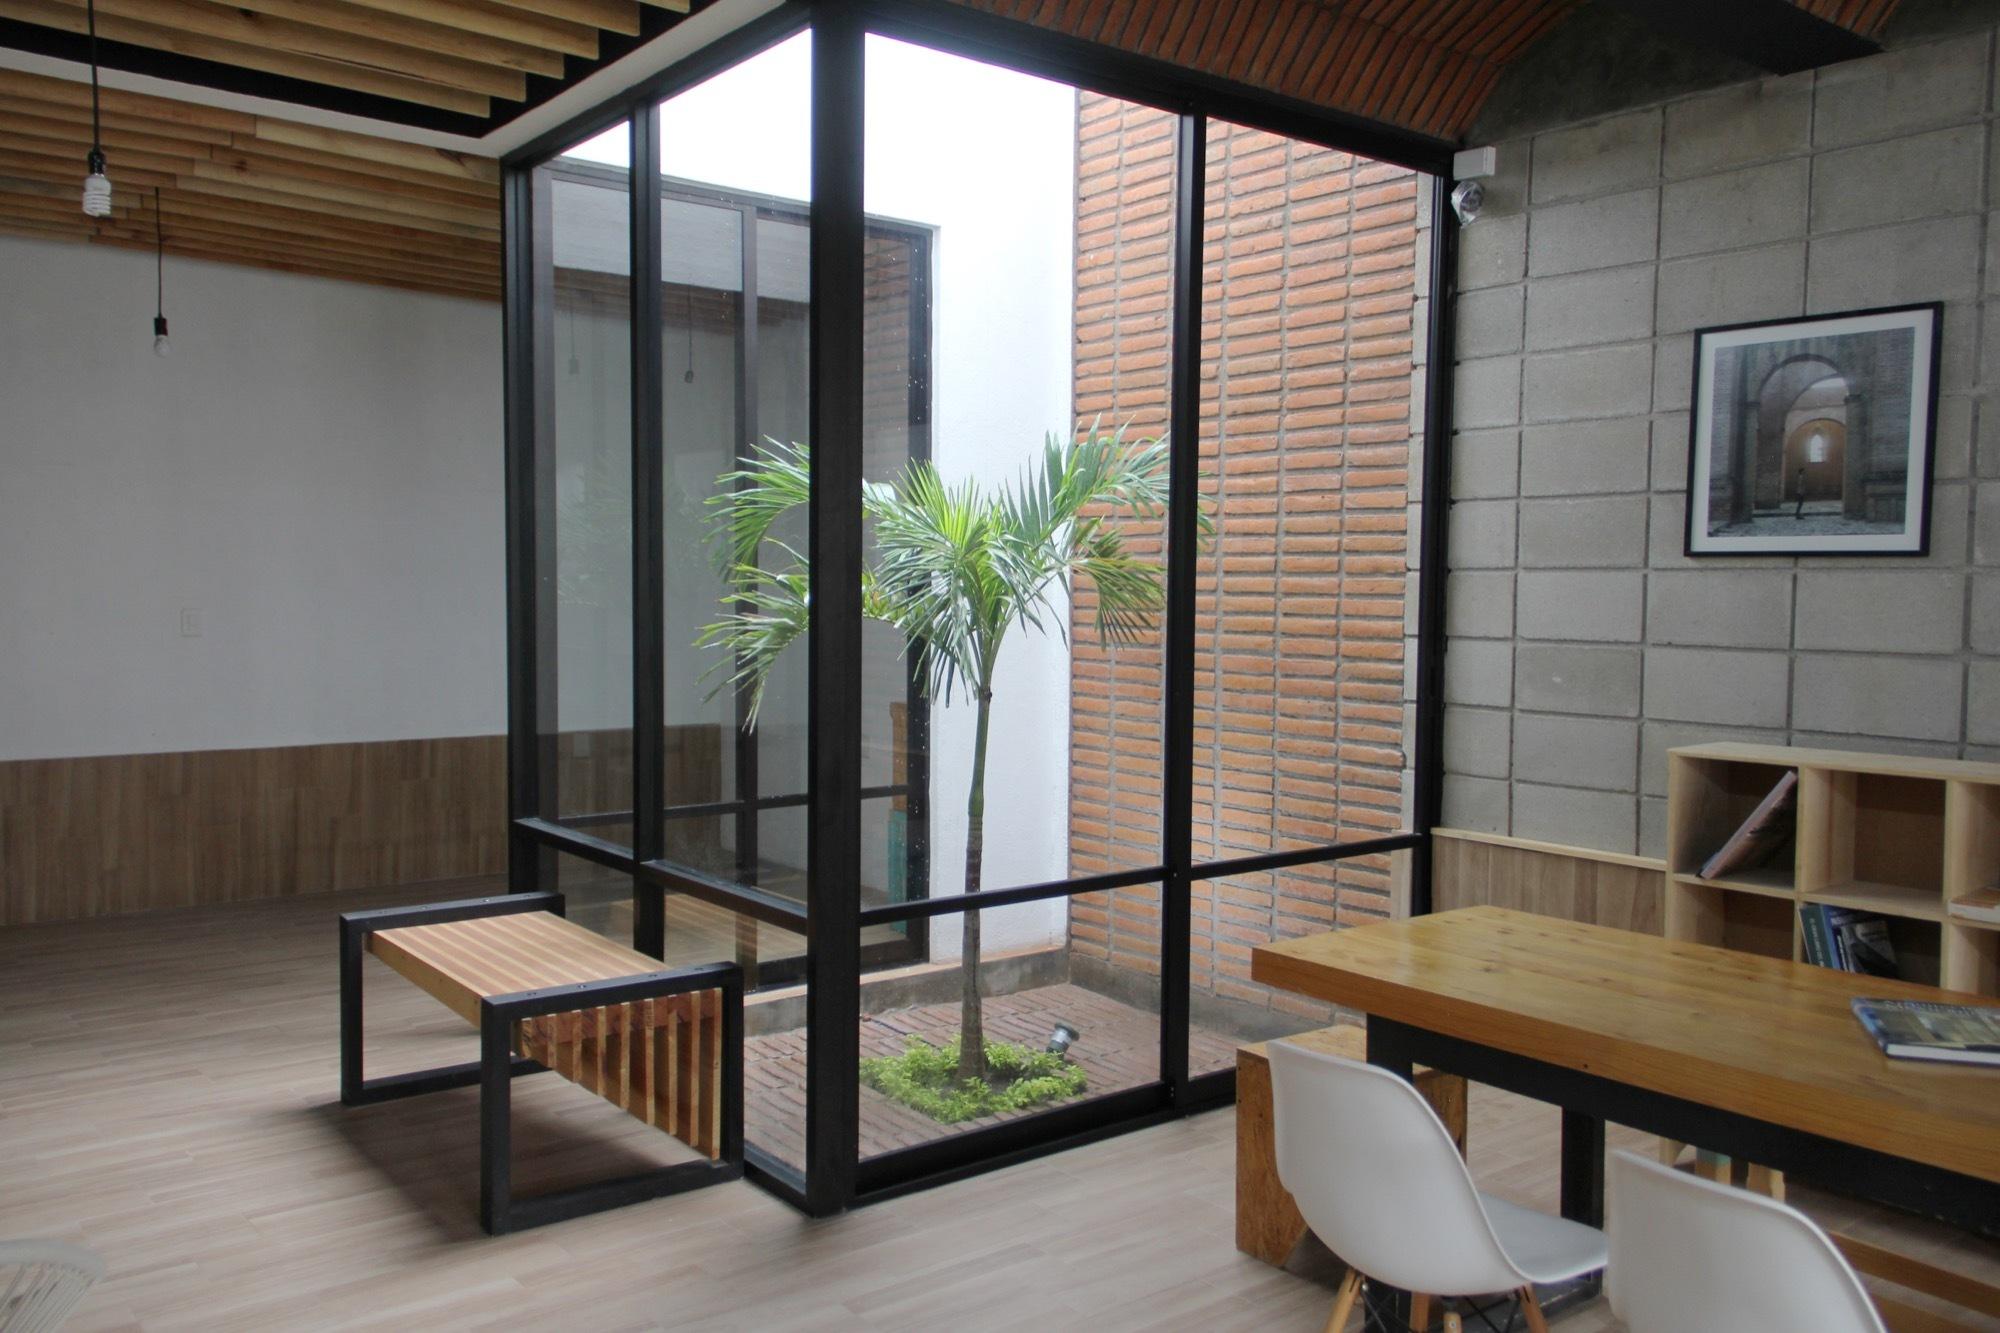 Galer a de casa jard n apaloosa estudio de arquitectura - Ambientador natural para casa ...